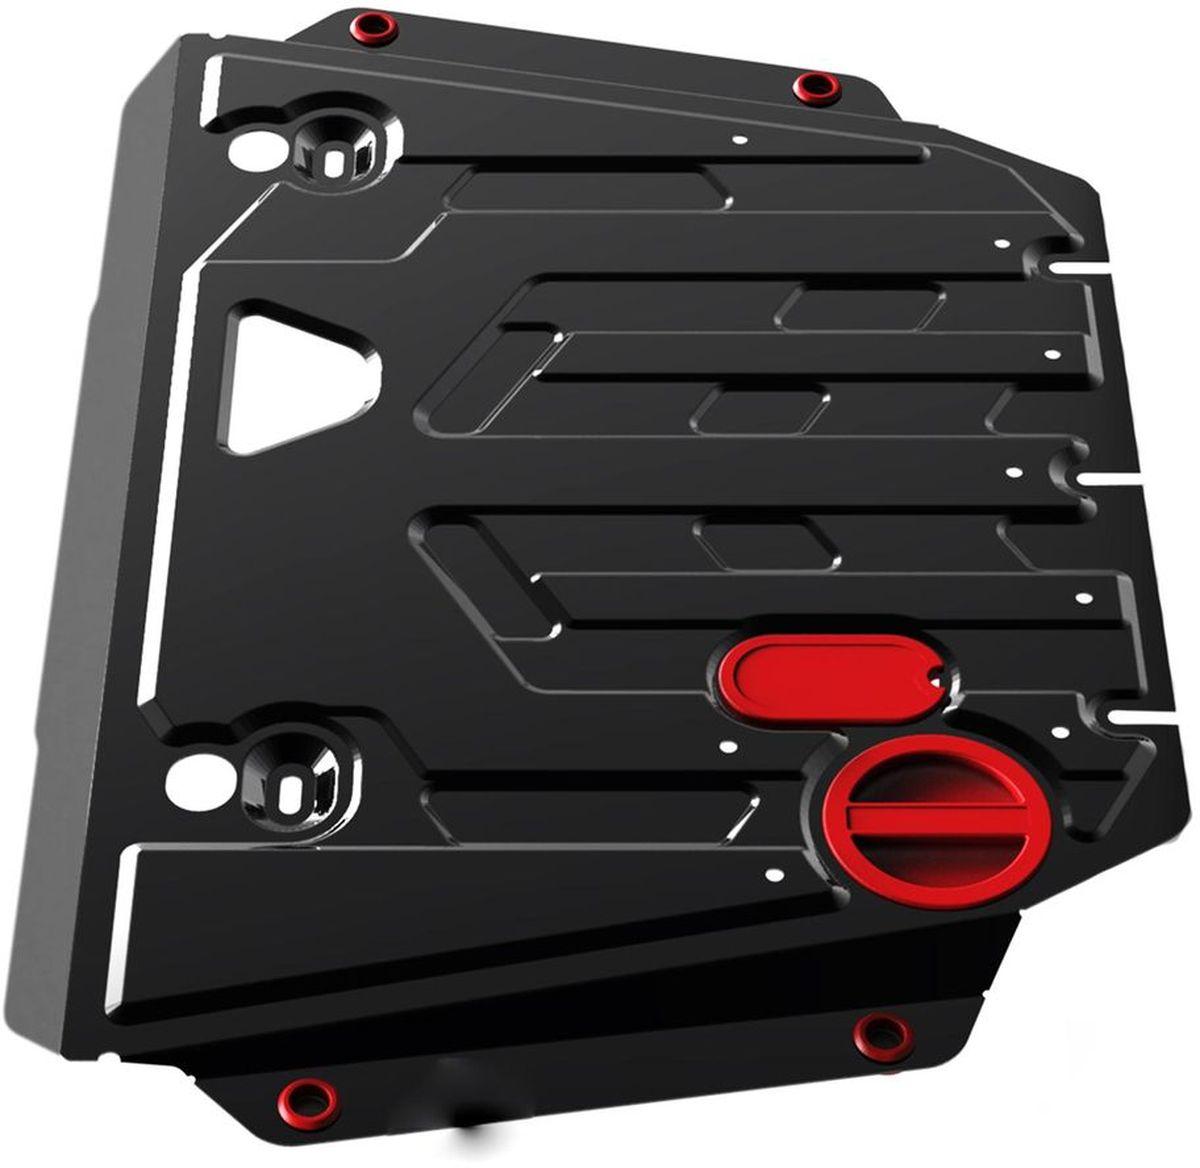 Защита картера и КПП Автоброня, для Changan CS35 FWD АКП, V- 1,6 (2014-)111.08901.1Технологически совершенный продукт за невысокую стоимость. Защита разработана с учетом особенностей днища автомобиля, что позволяет сохранить дорожный просвет с минимальным изменением. Защита устанавливается в штатные места кузова автомобиля. Глубокий штамп обеспечивает до двух раз больше жесткости в сравнении с обычной защитой той же толщины. Проштампованные ребра жесткости препятствуют деформации защиты при ударах. Тепловой зазор и вентиляционные отверстия обеспечивают сохранение температурного режима двигателя в норме. Скрытый крепеж предотвращает срыв крепежных элементов при наезде на препятствие. Шумопоглощающие резиновые элементы обеспечивают комфортную езду без вибраций и скрежета металла, а съемные лючки для слива масла и замены фильтра - экономию средств и время. Конструкция изделия не влияет на пассивную безопасность автомобиля (при ударе защита не воздействует на деформационные зоны кузова). Со штатным крепежом. В комплекте инструкция по установке....